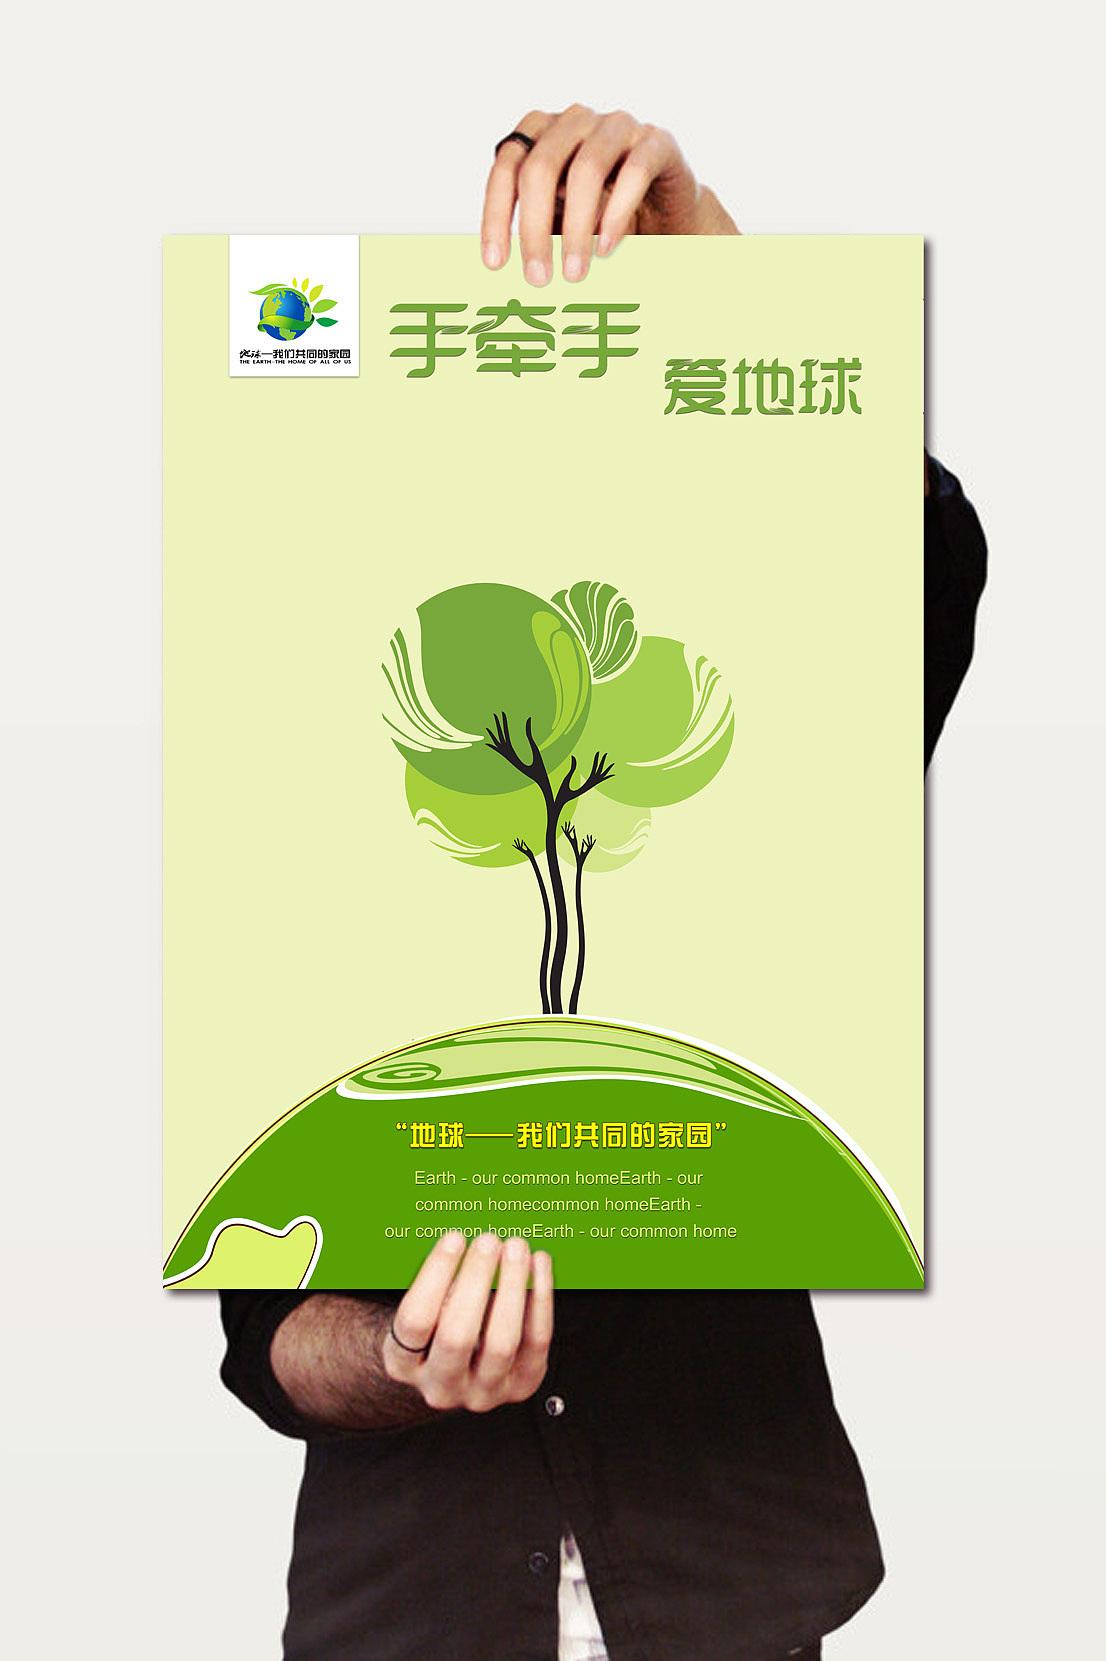 手牵手,爱地球 公益环保海报